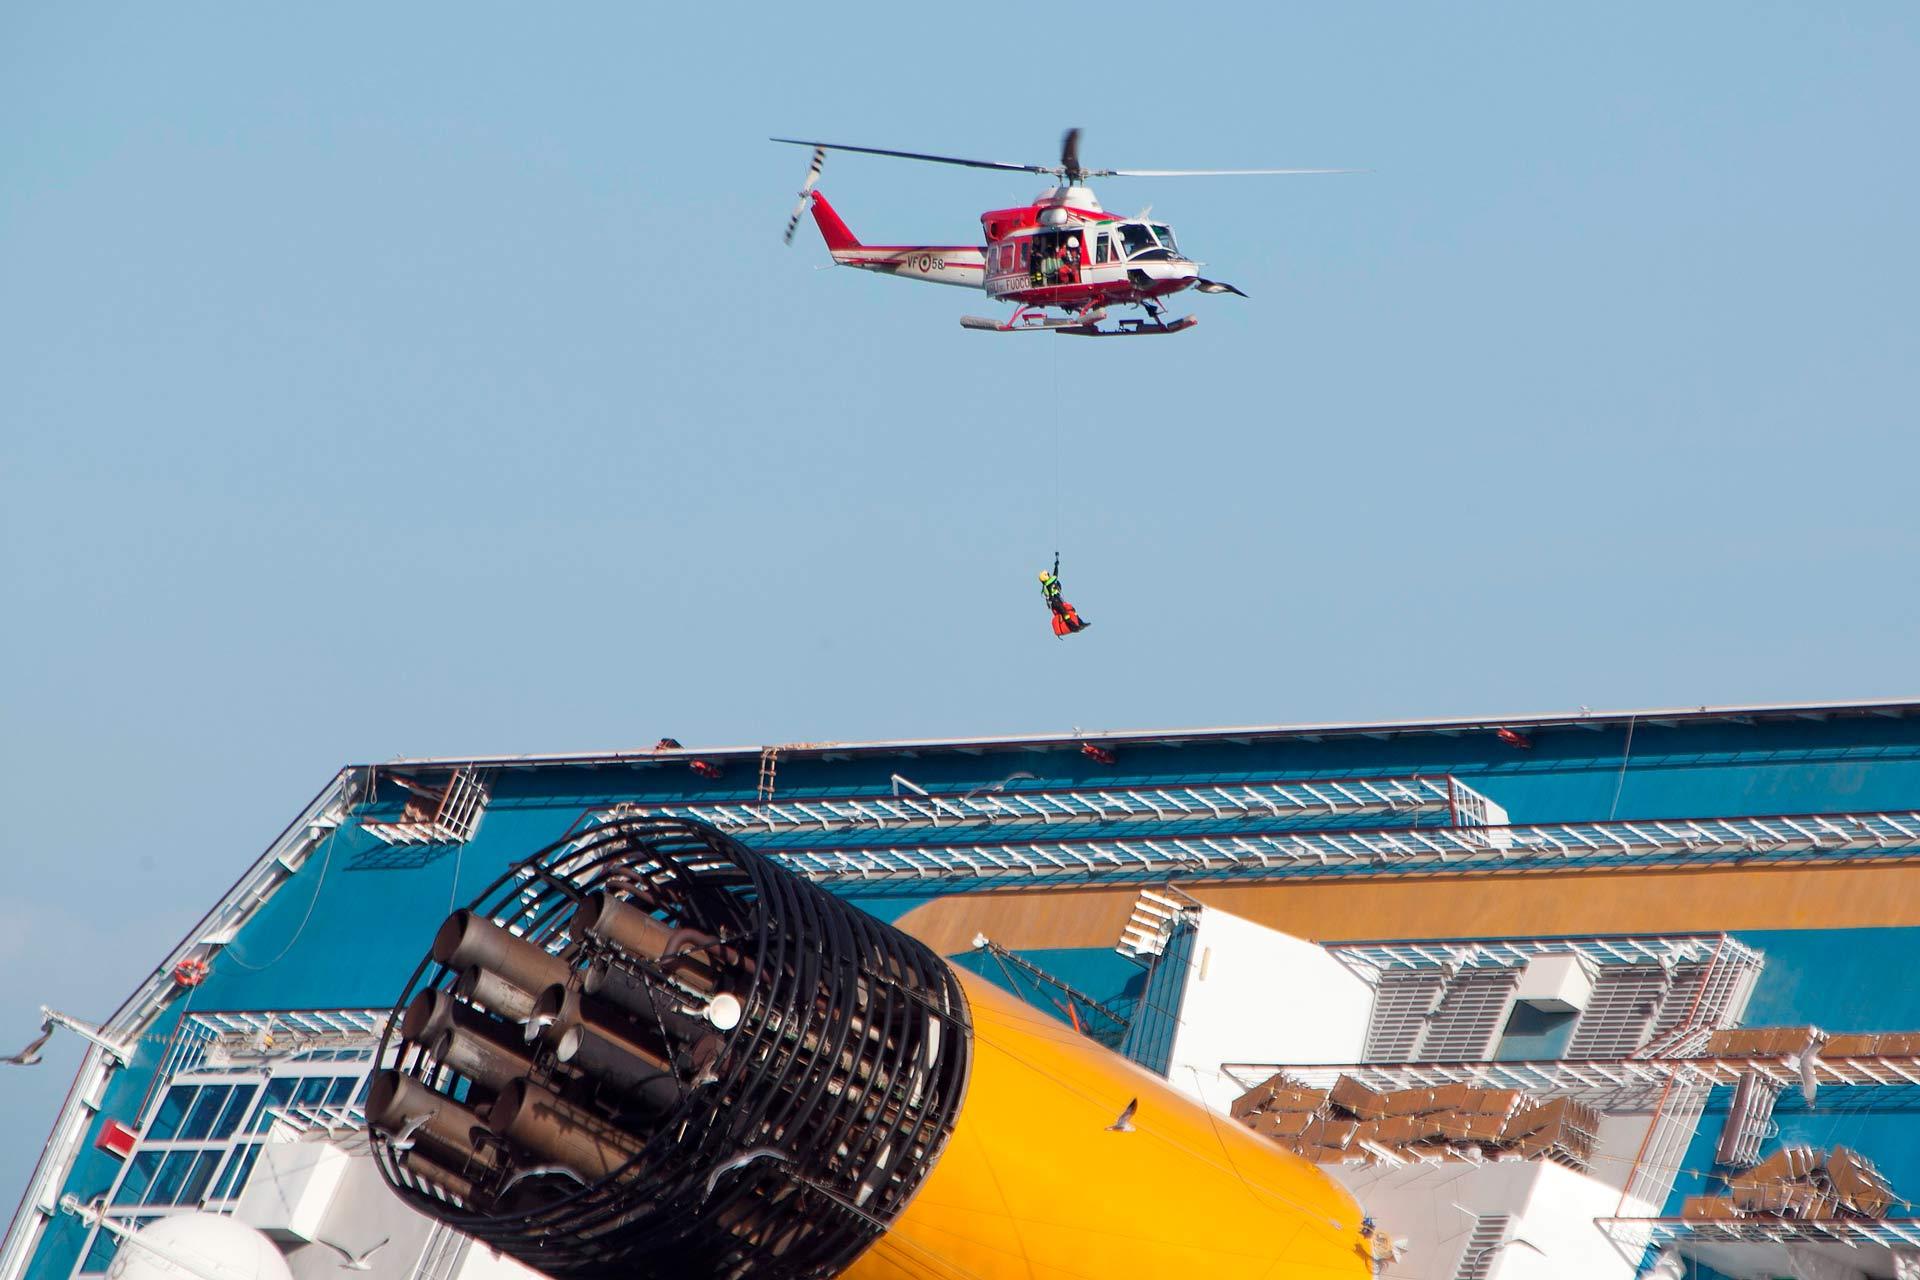 Il lavoro dei soccorritori è andato avanti per diversi giorni con ritmi incessanti. Gli accessi al relitto avvenivano sia via acqua, sia via aerea dagli elicotteri dei vigili del fuoco.